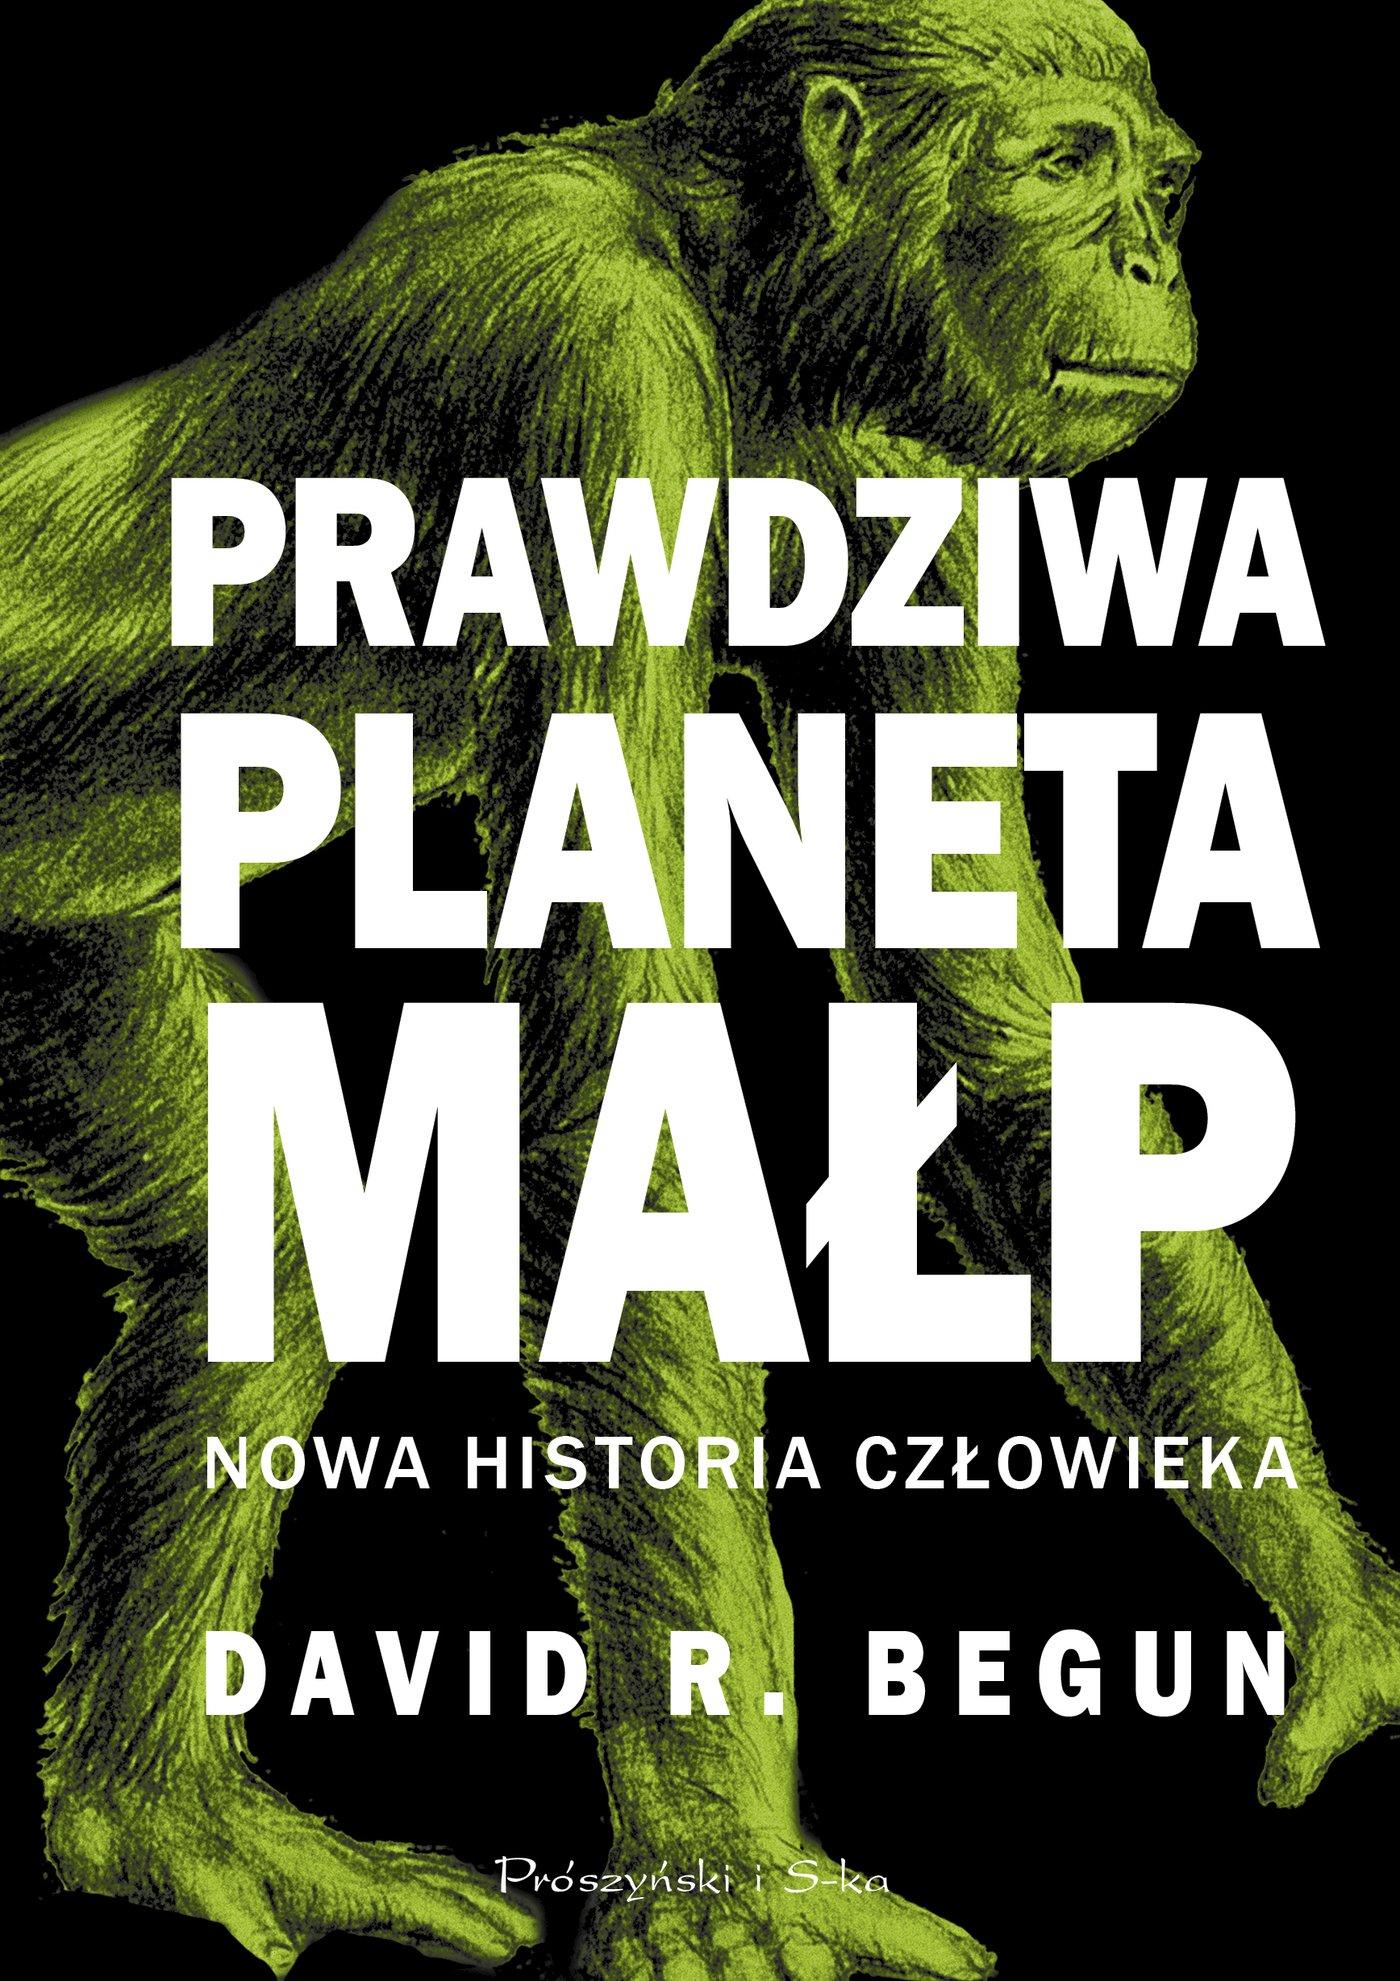 Prawdziwa planeta małp - Ebook (Książka EPUB) do pobrania w formacie EPUB